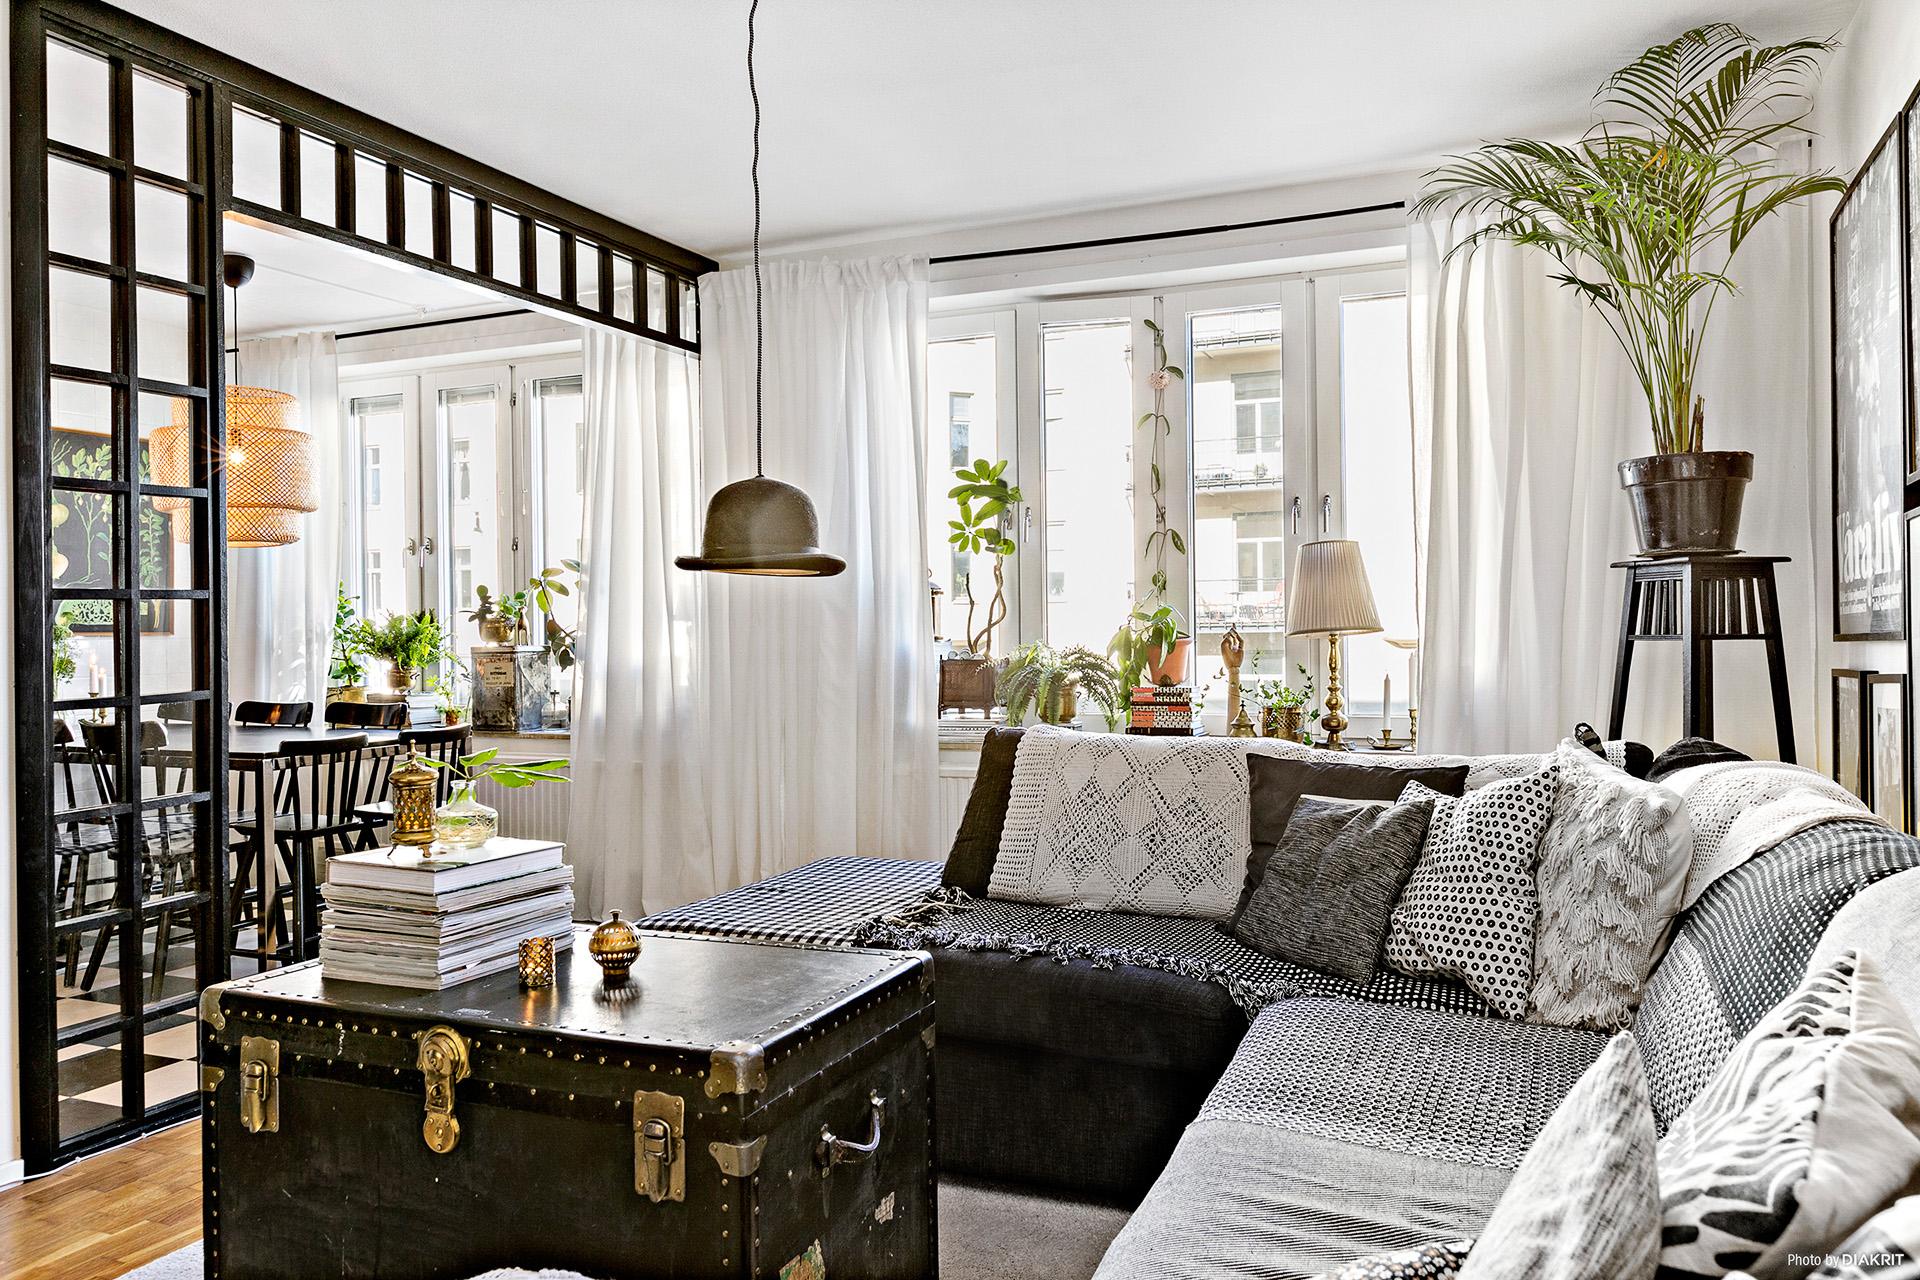 гостиная диван сундук подоконник межкомнатная перегородка комнатные цветы